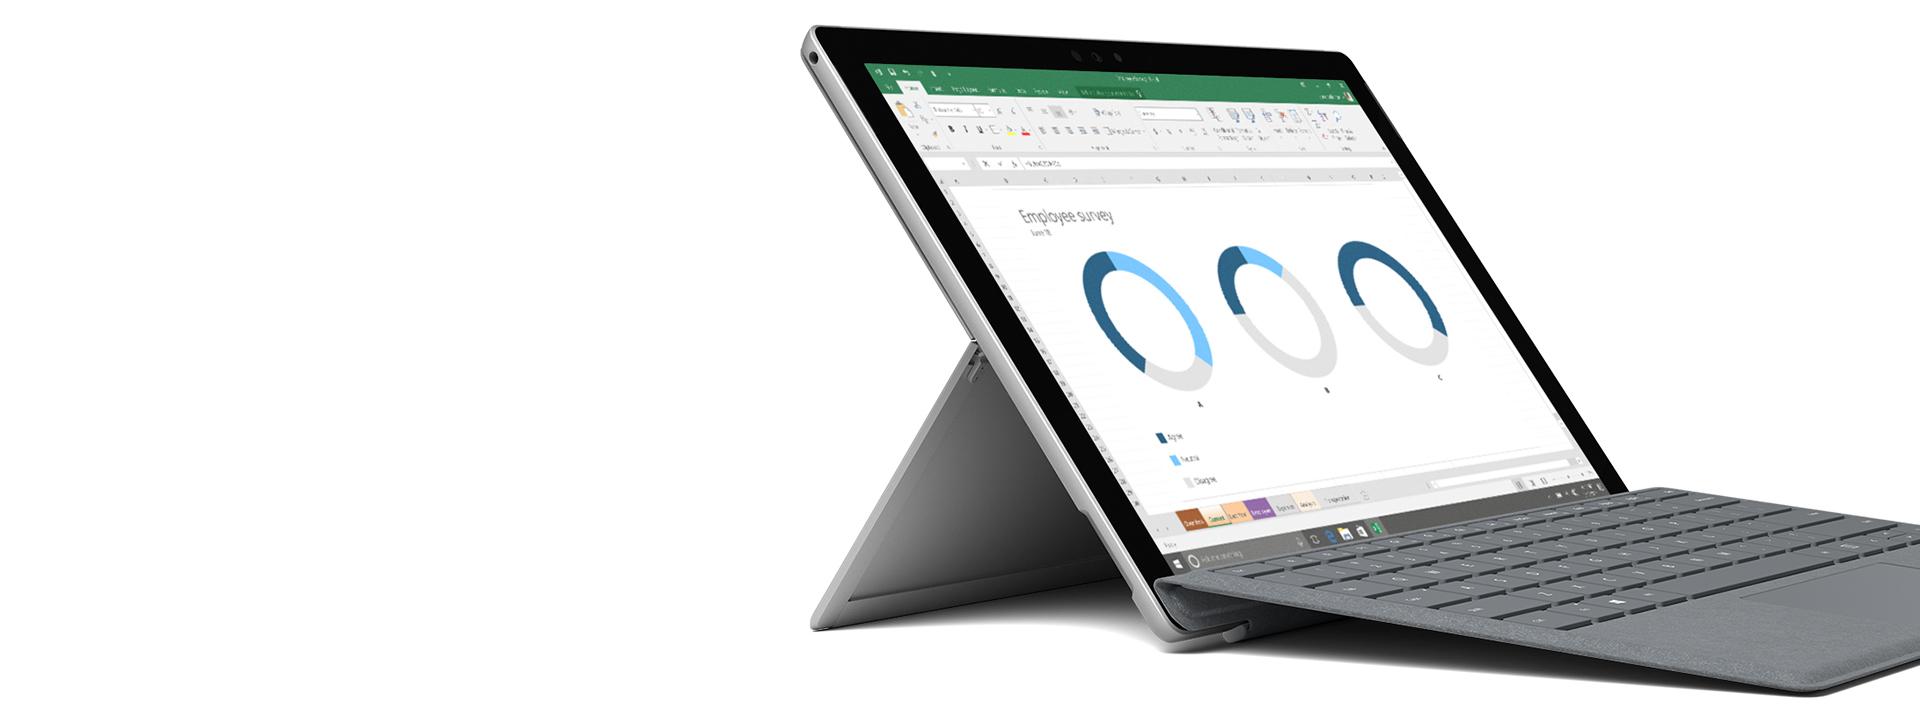 顯示 Windows/Office 螢幕擷取畫面的 Surface 裝置。